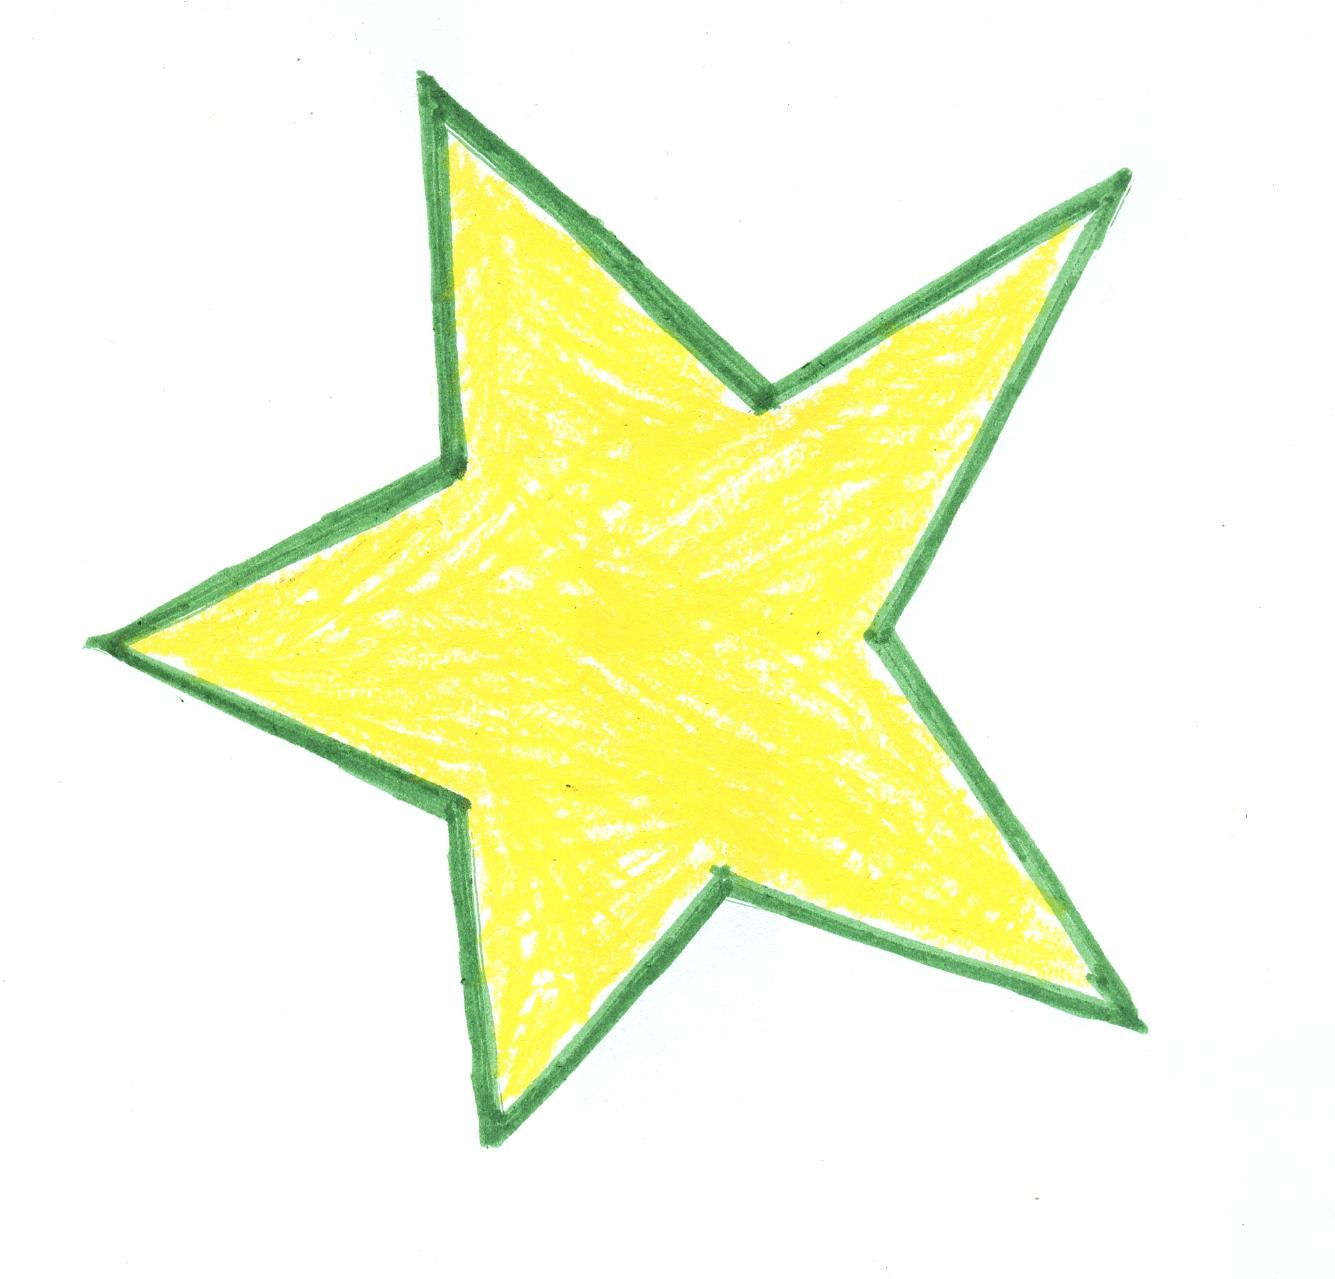 Fortran 90: a conversion course